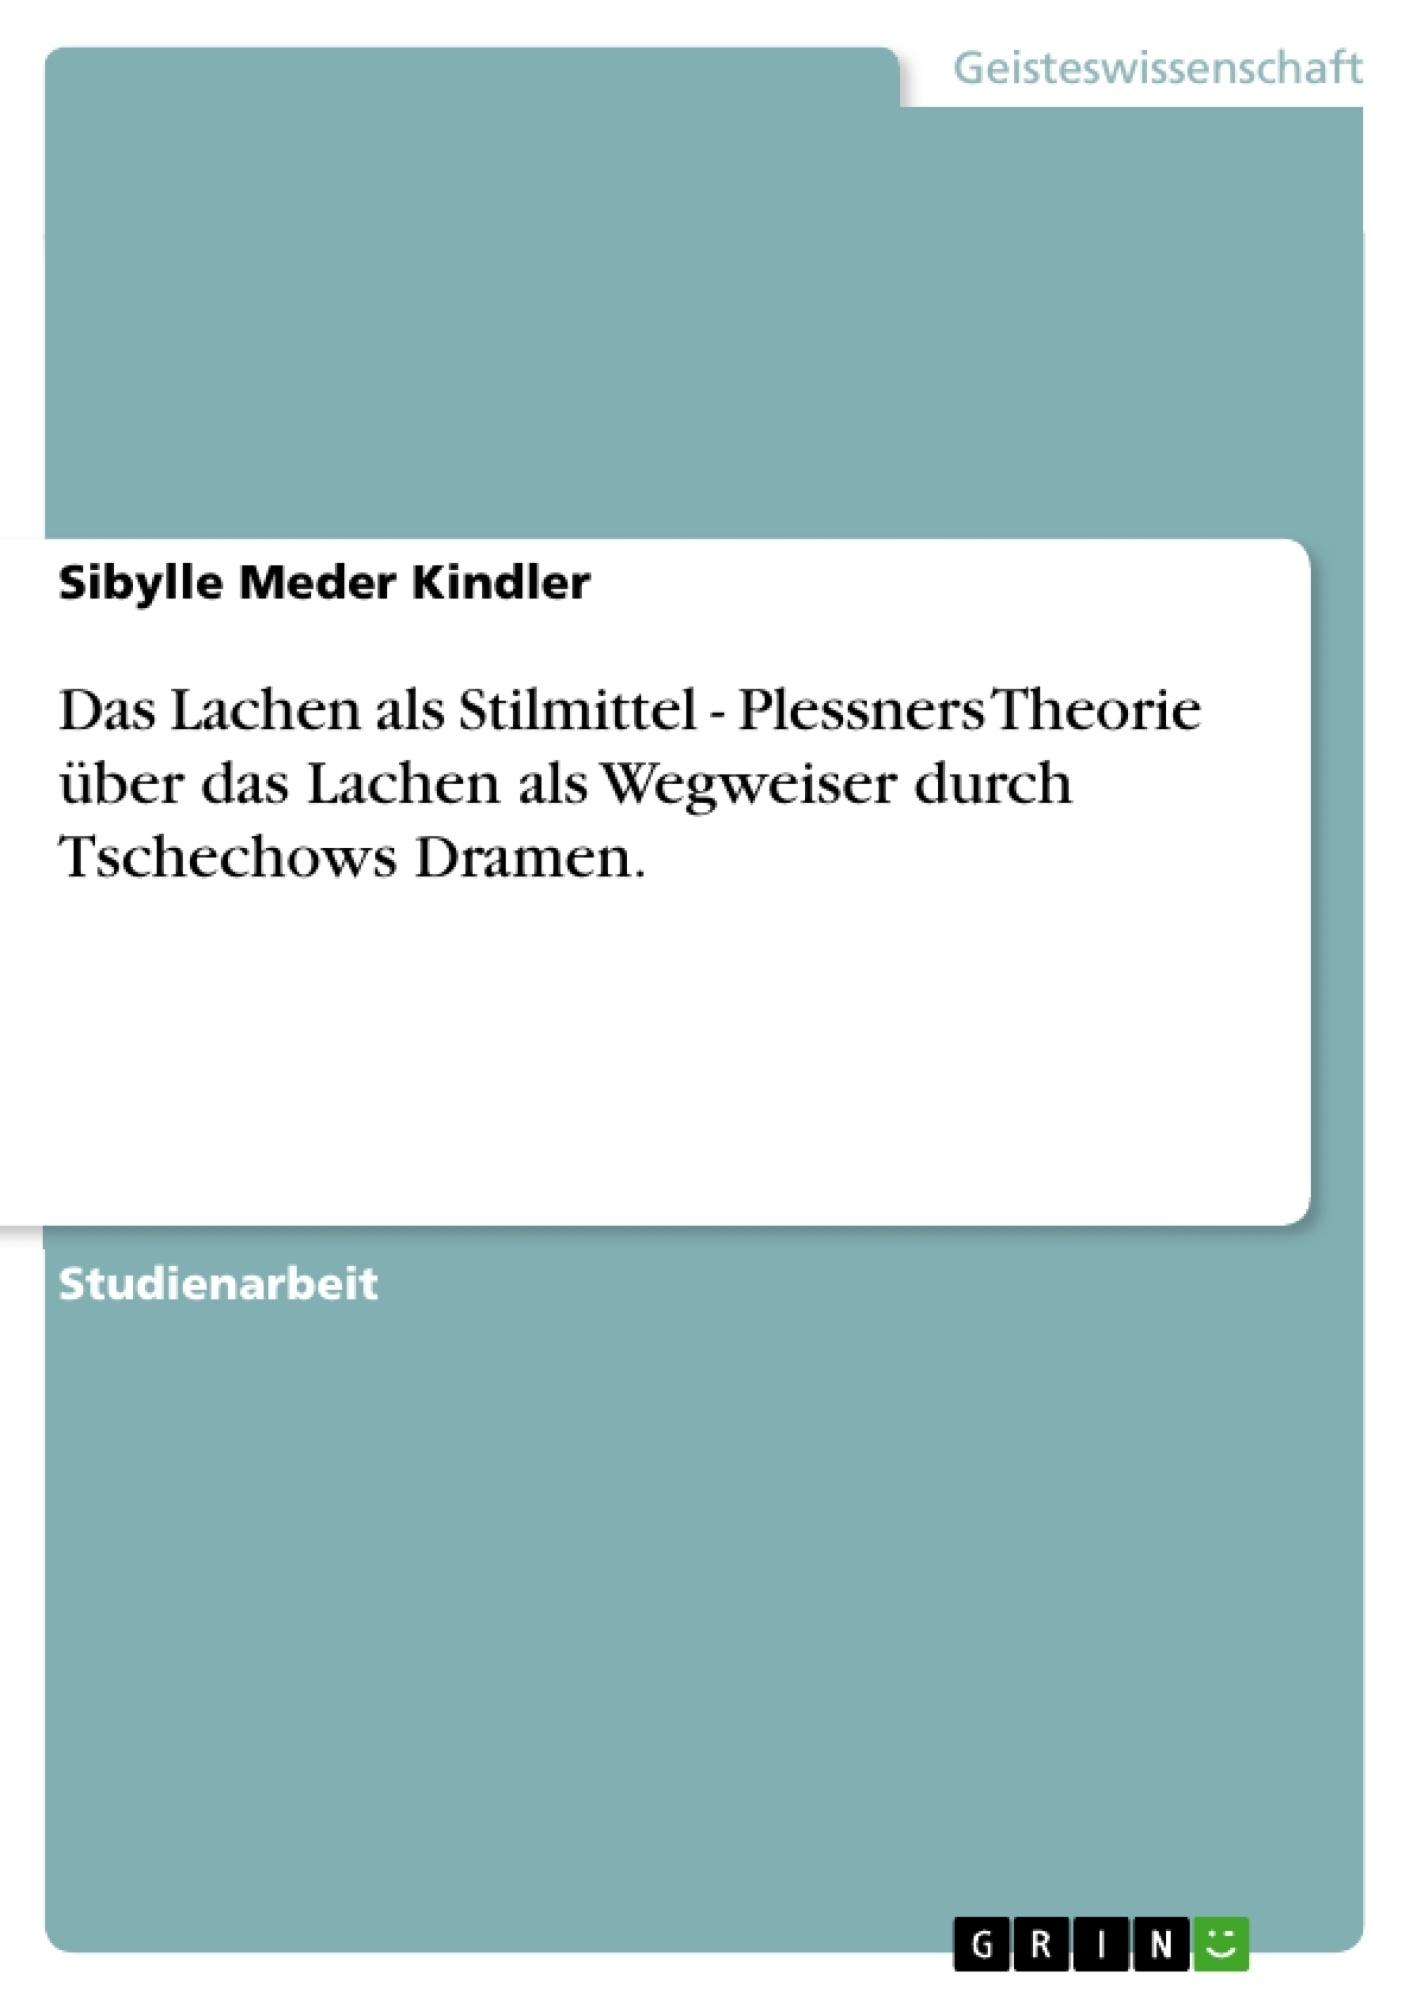 Titel: Das Lachen als Stilmittel - Plessners Theorie über das Lachen als Wegweiser durch Tschechows Dramen.